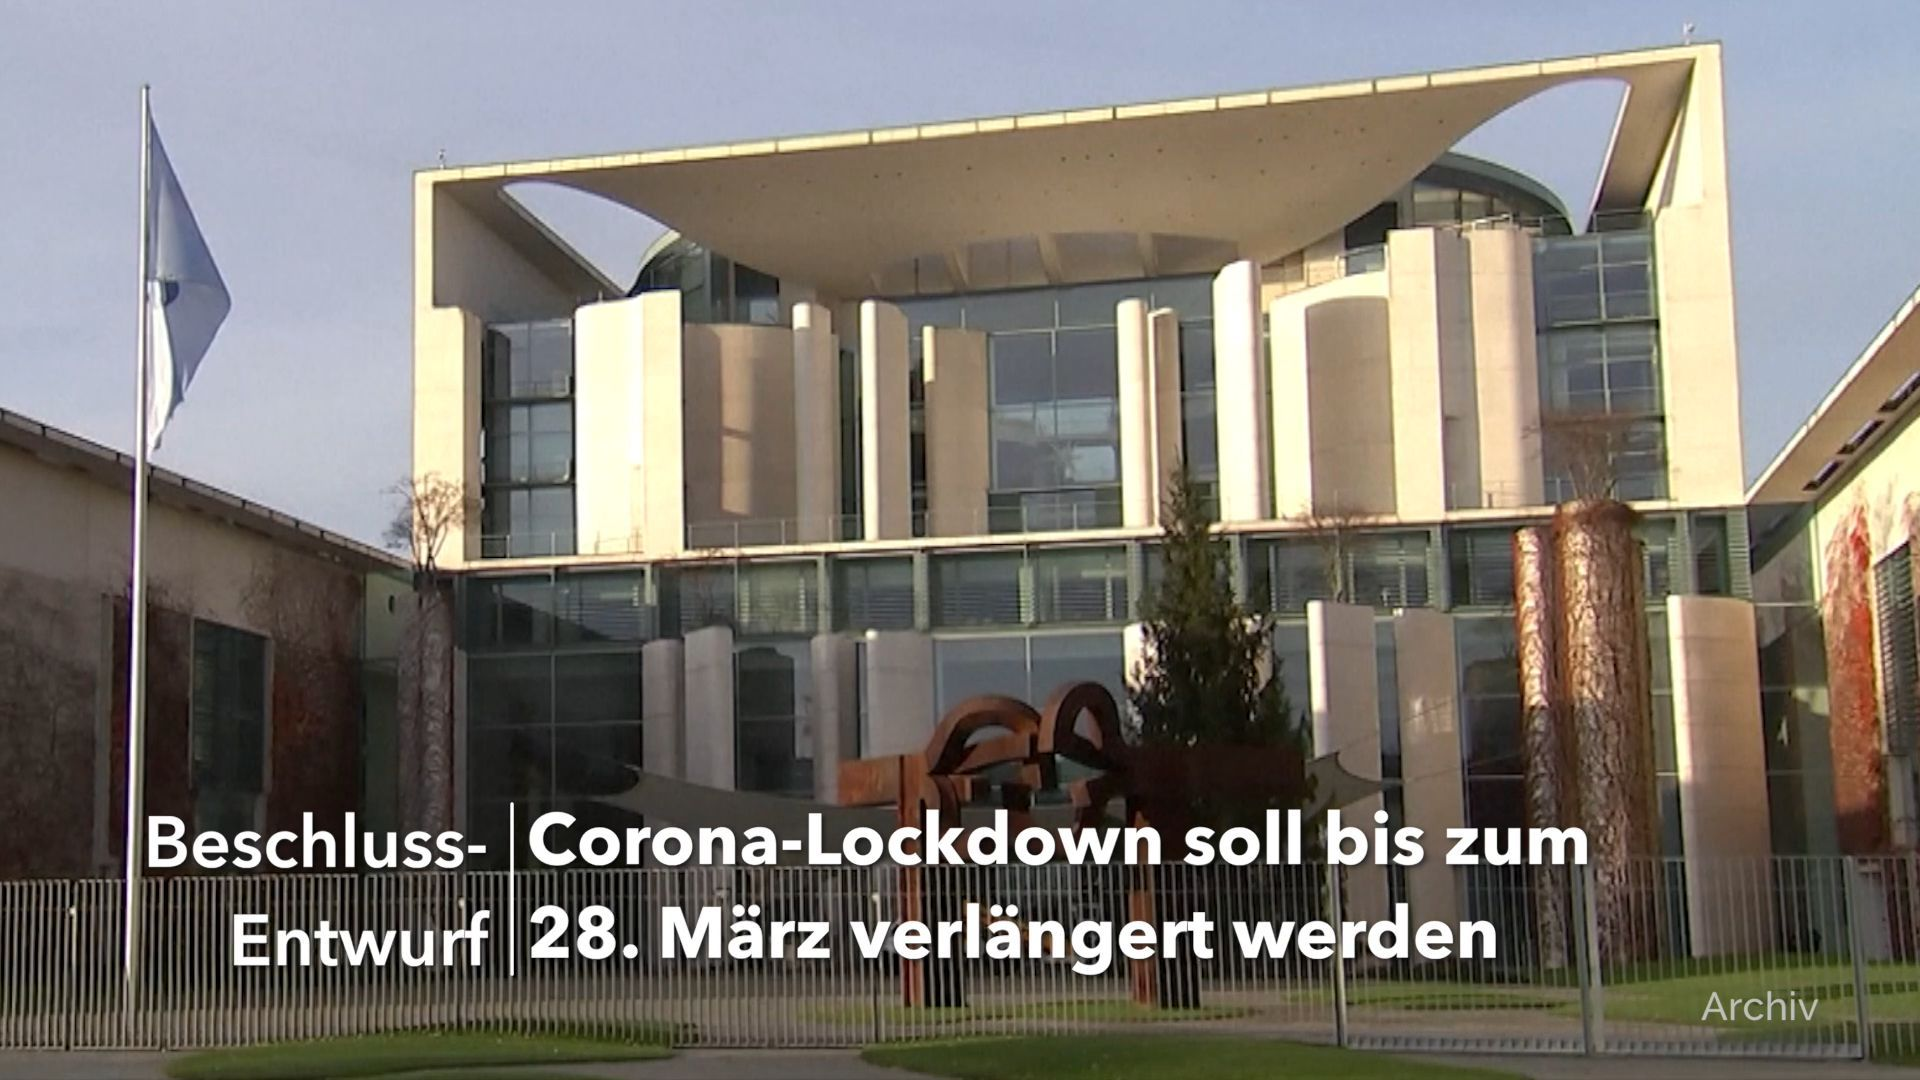 Bund und Länder planen weitere Lockdown-Lockerungen